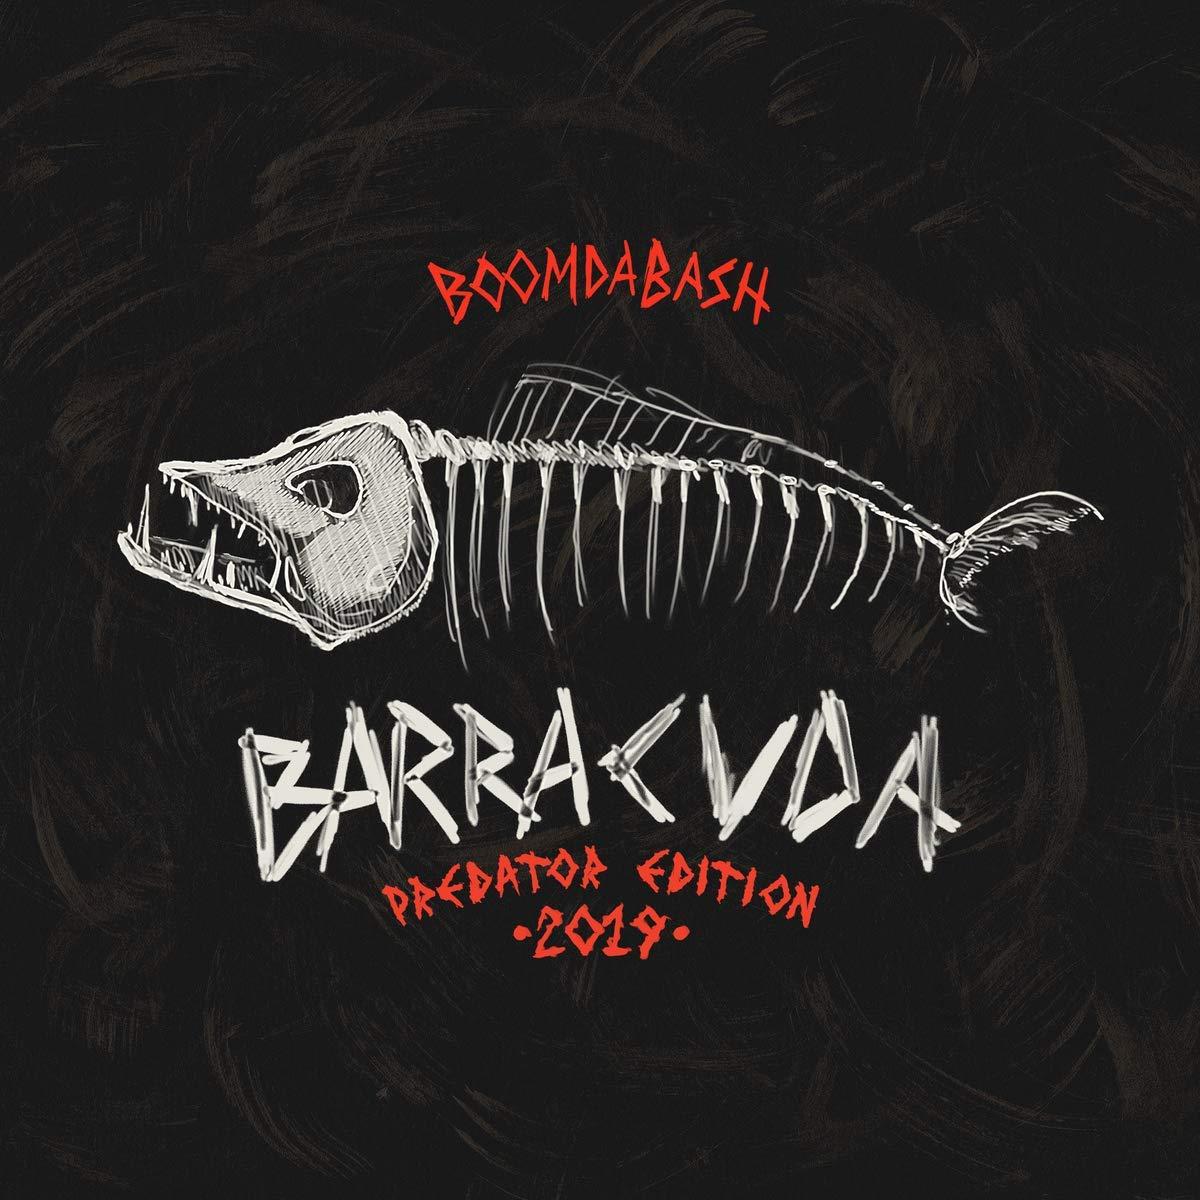 BOOMDABASH - BARRACUDA (SANREMO 2019) (CD)